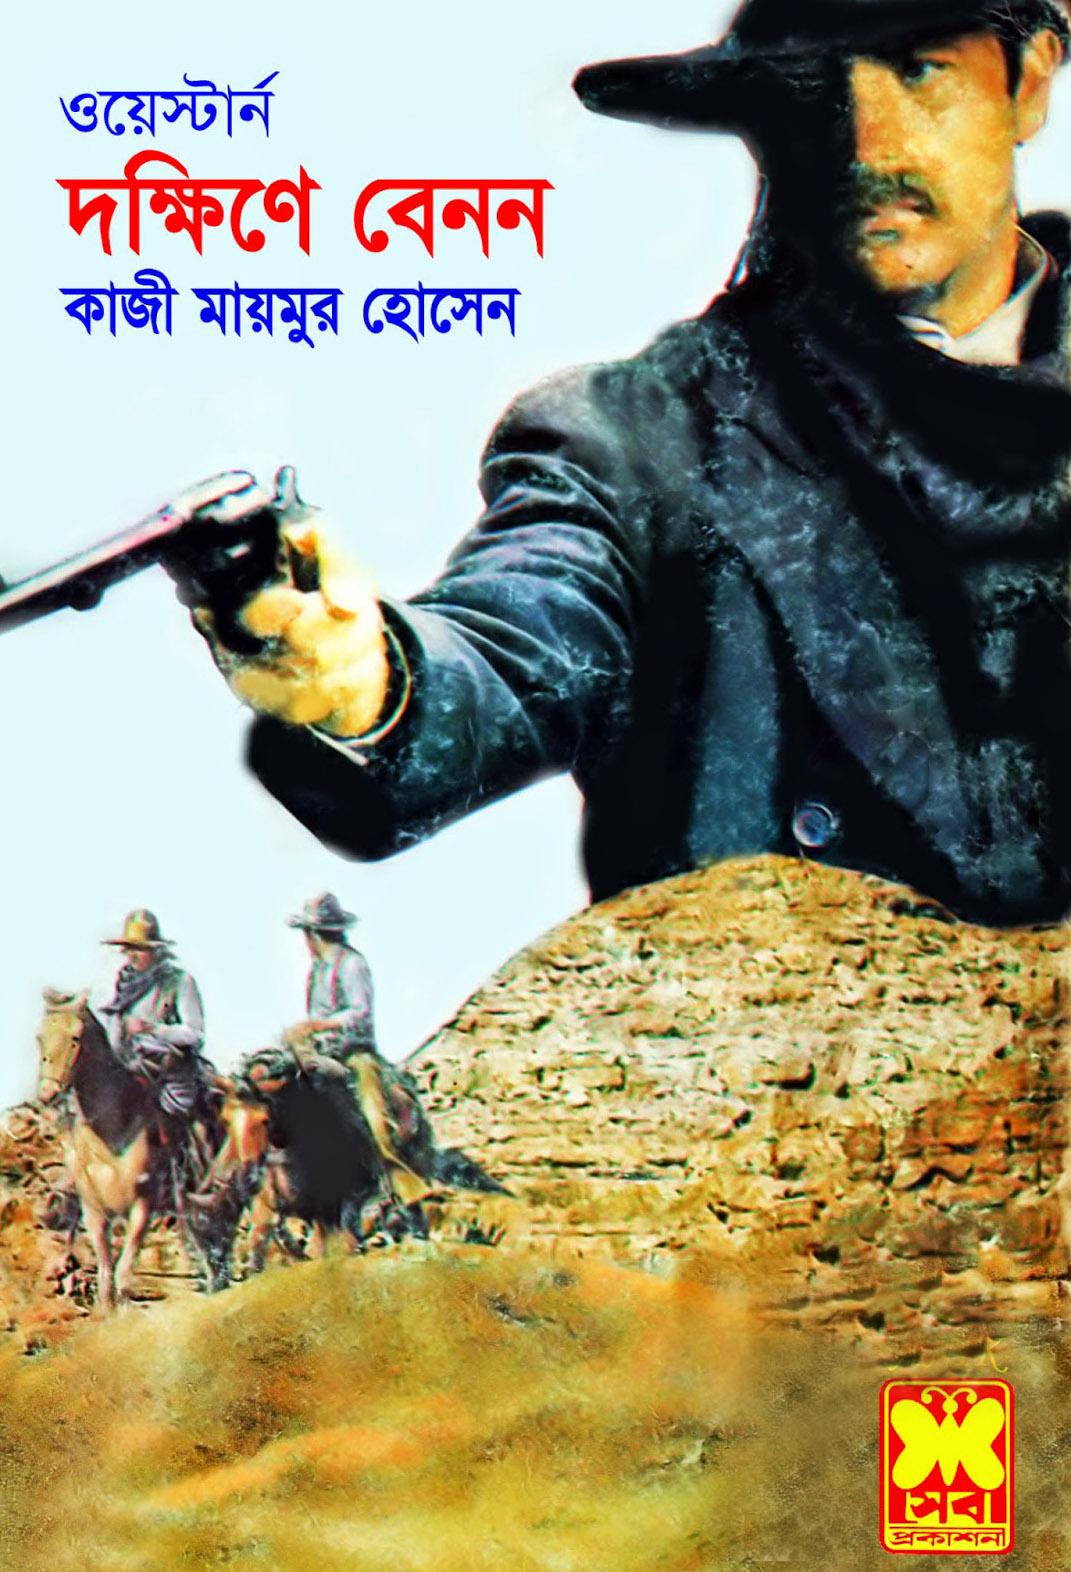 Dakkhiney Benon by Kazi Maimur Hossain (Western Series) ~ Free